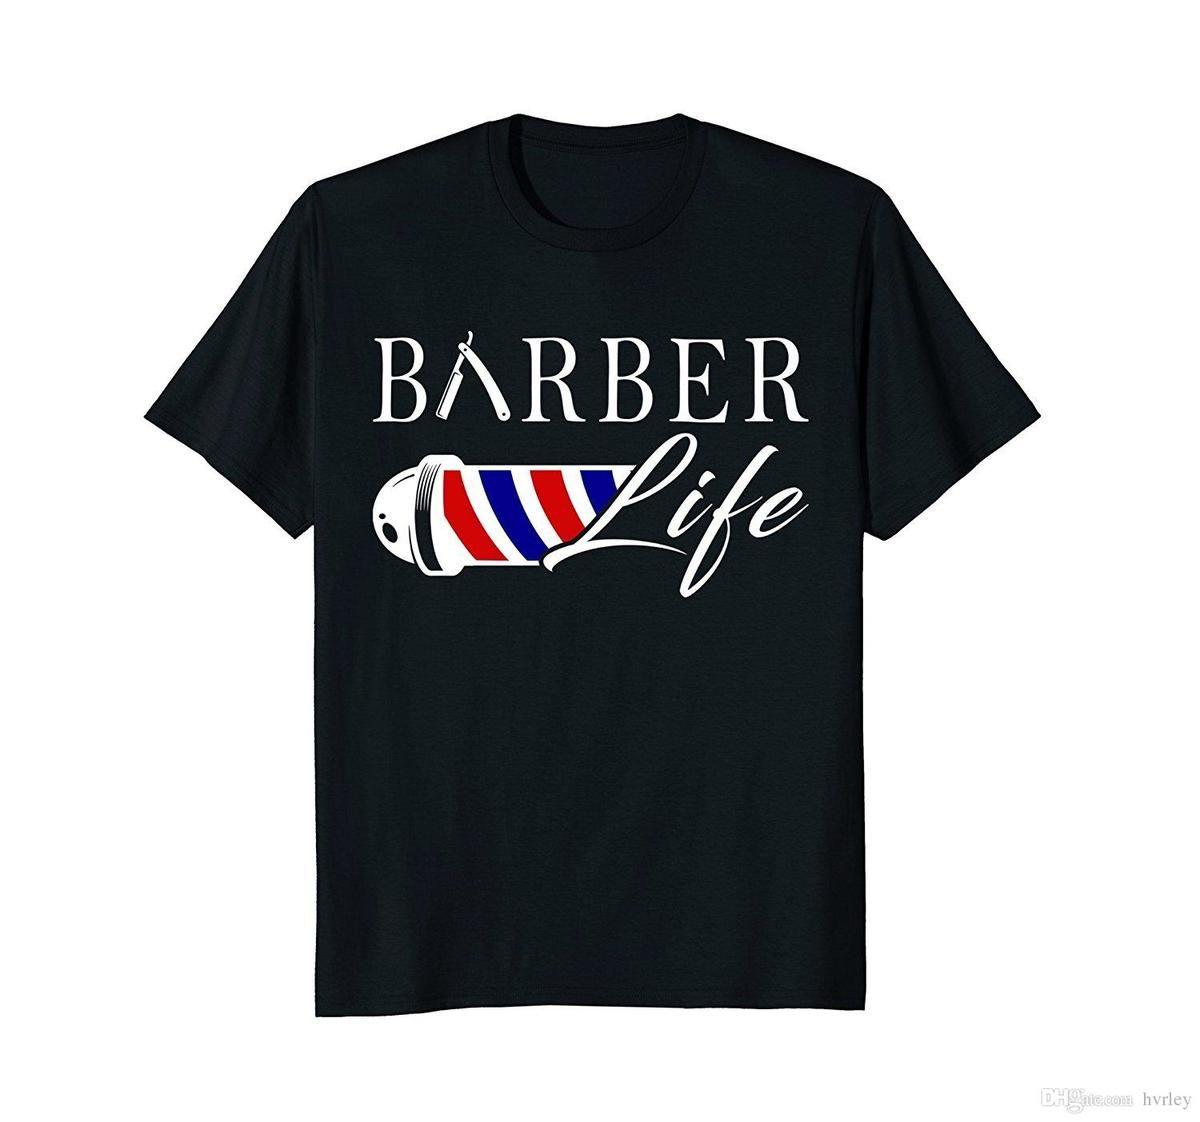 T Shirt Overhemd.T Shirt Zomer Nieuwigheid Cartoon T Shirt Kapper Leven Nieuwe Film